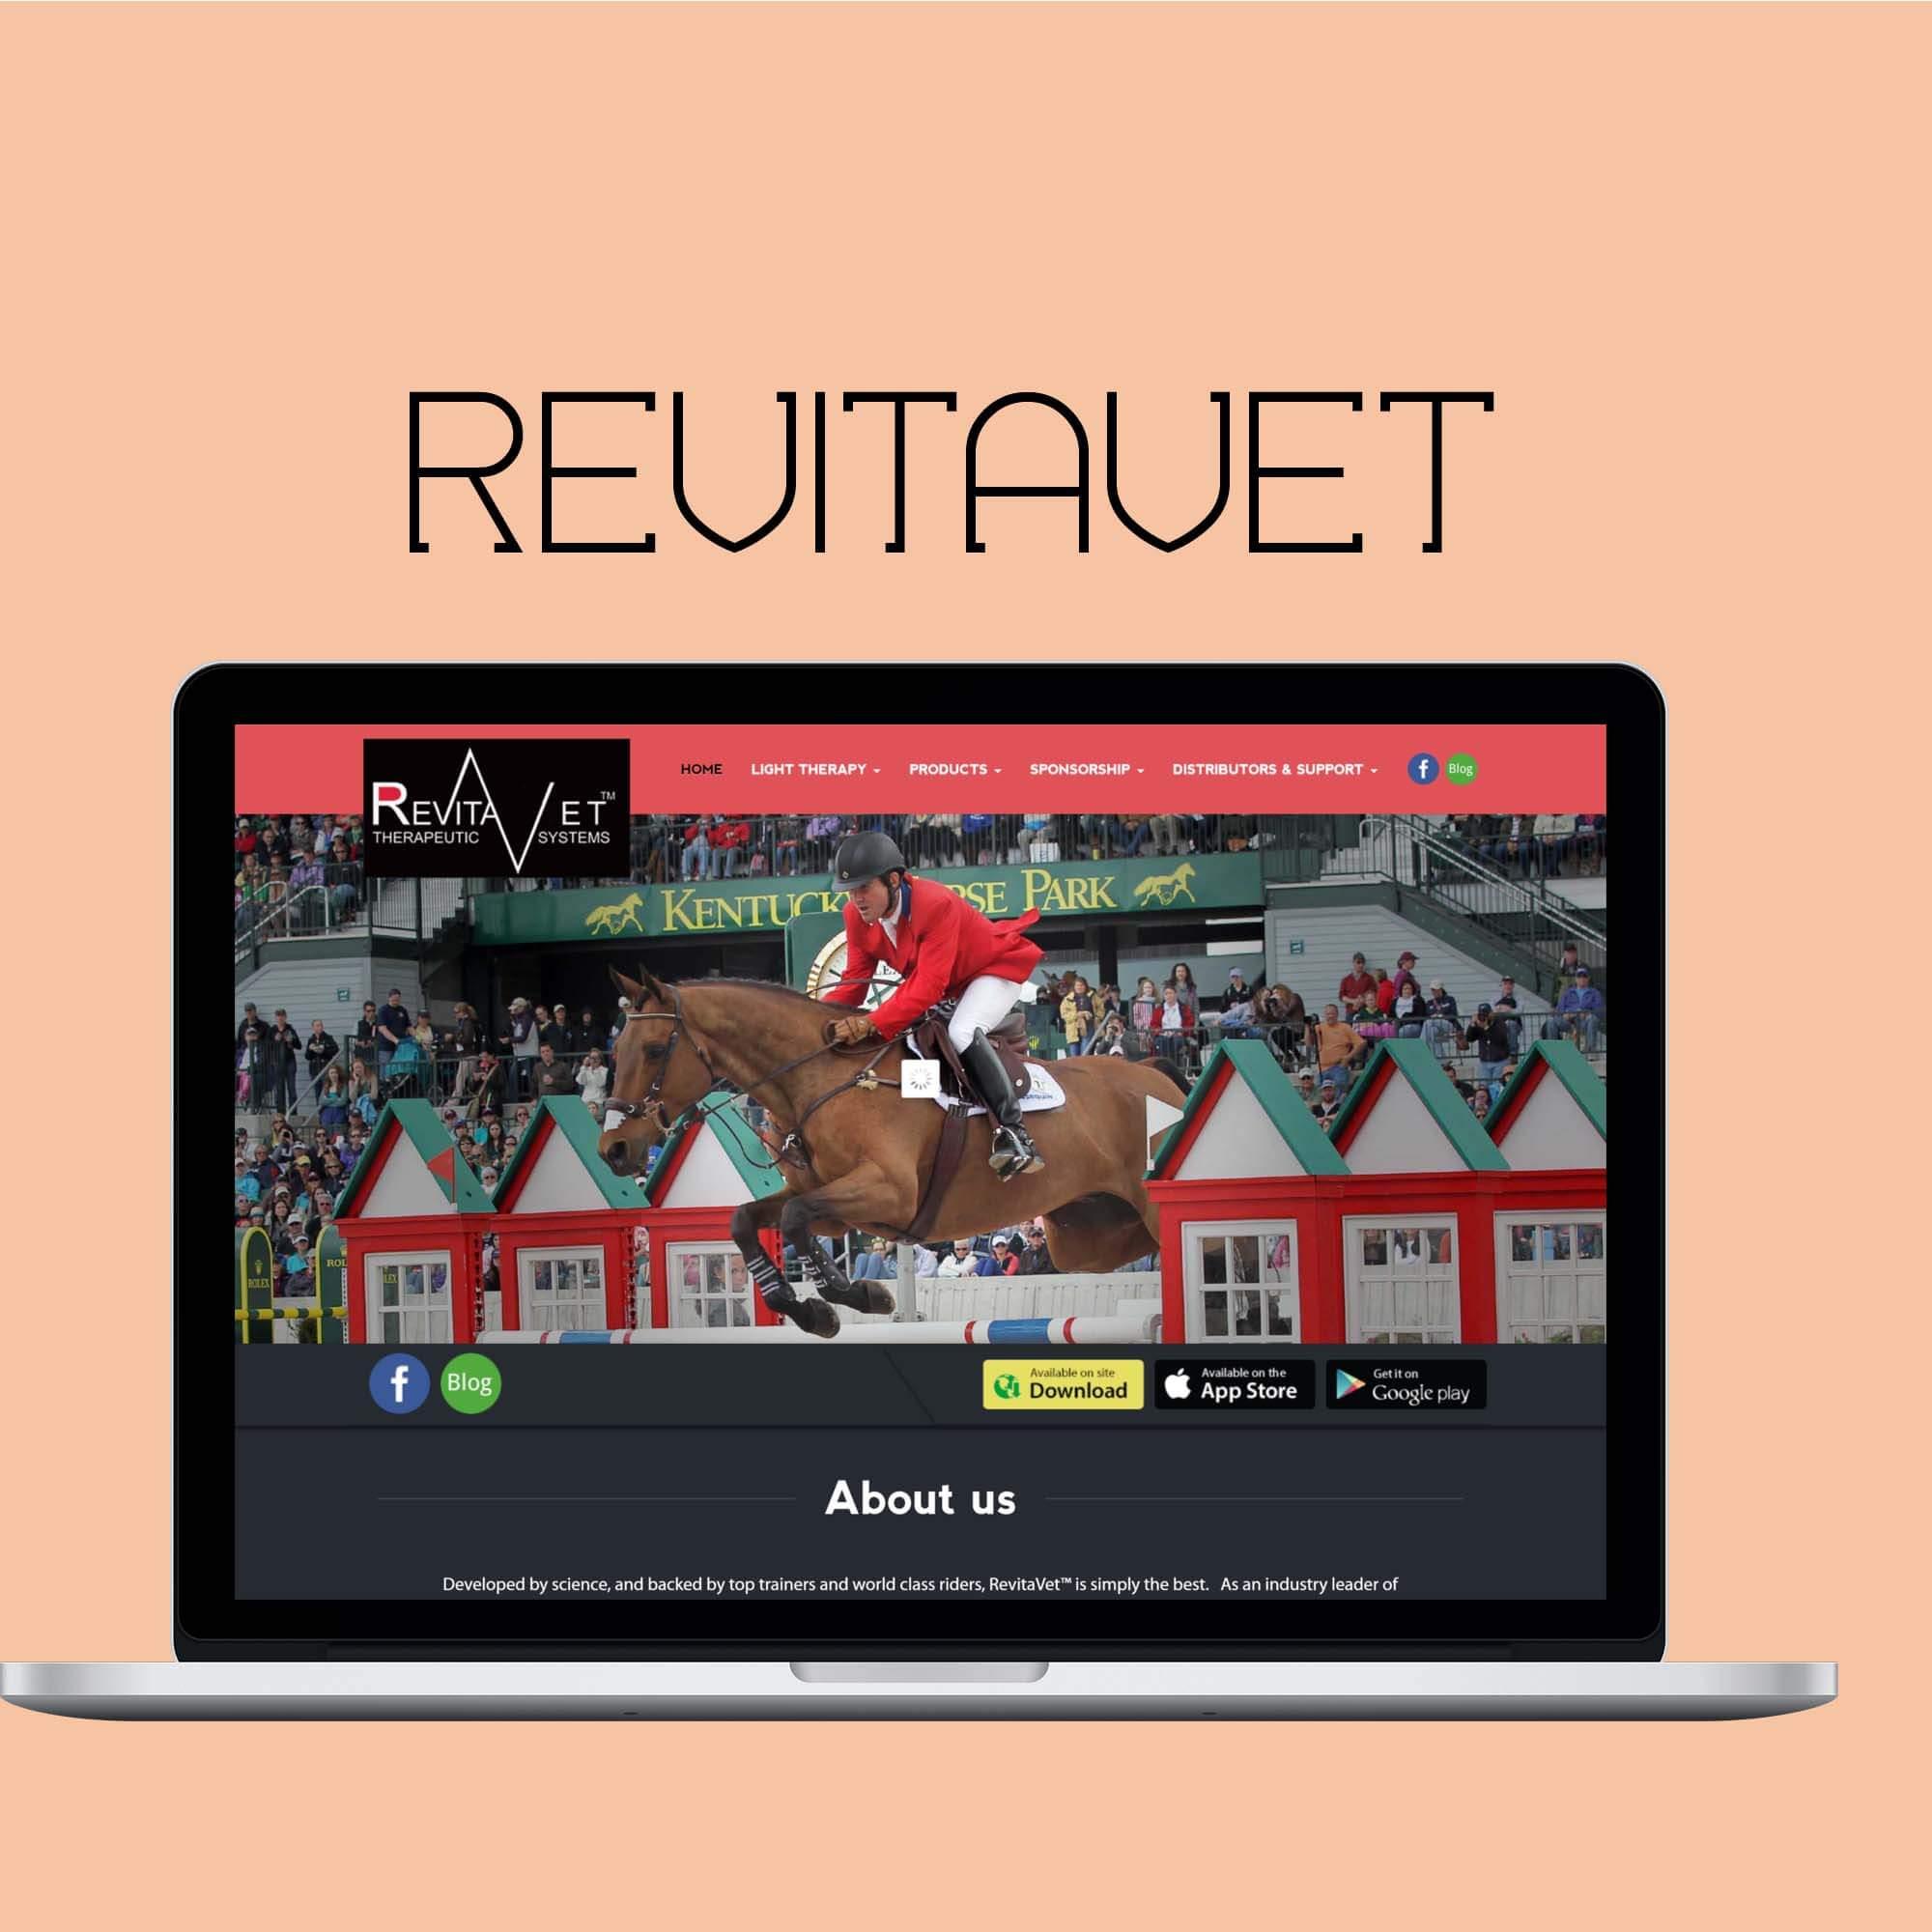 www.revitavet